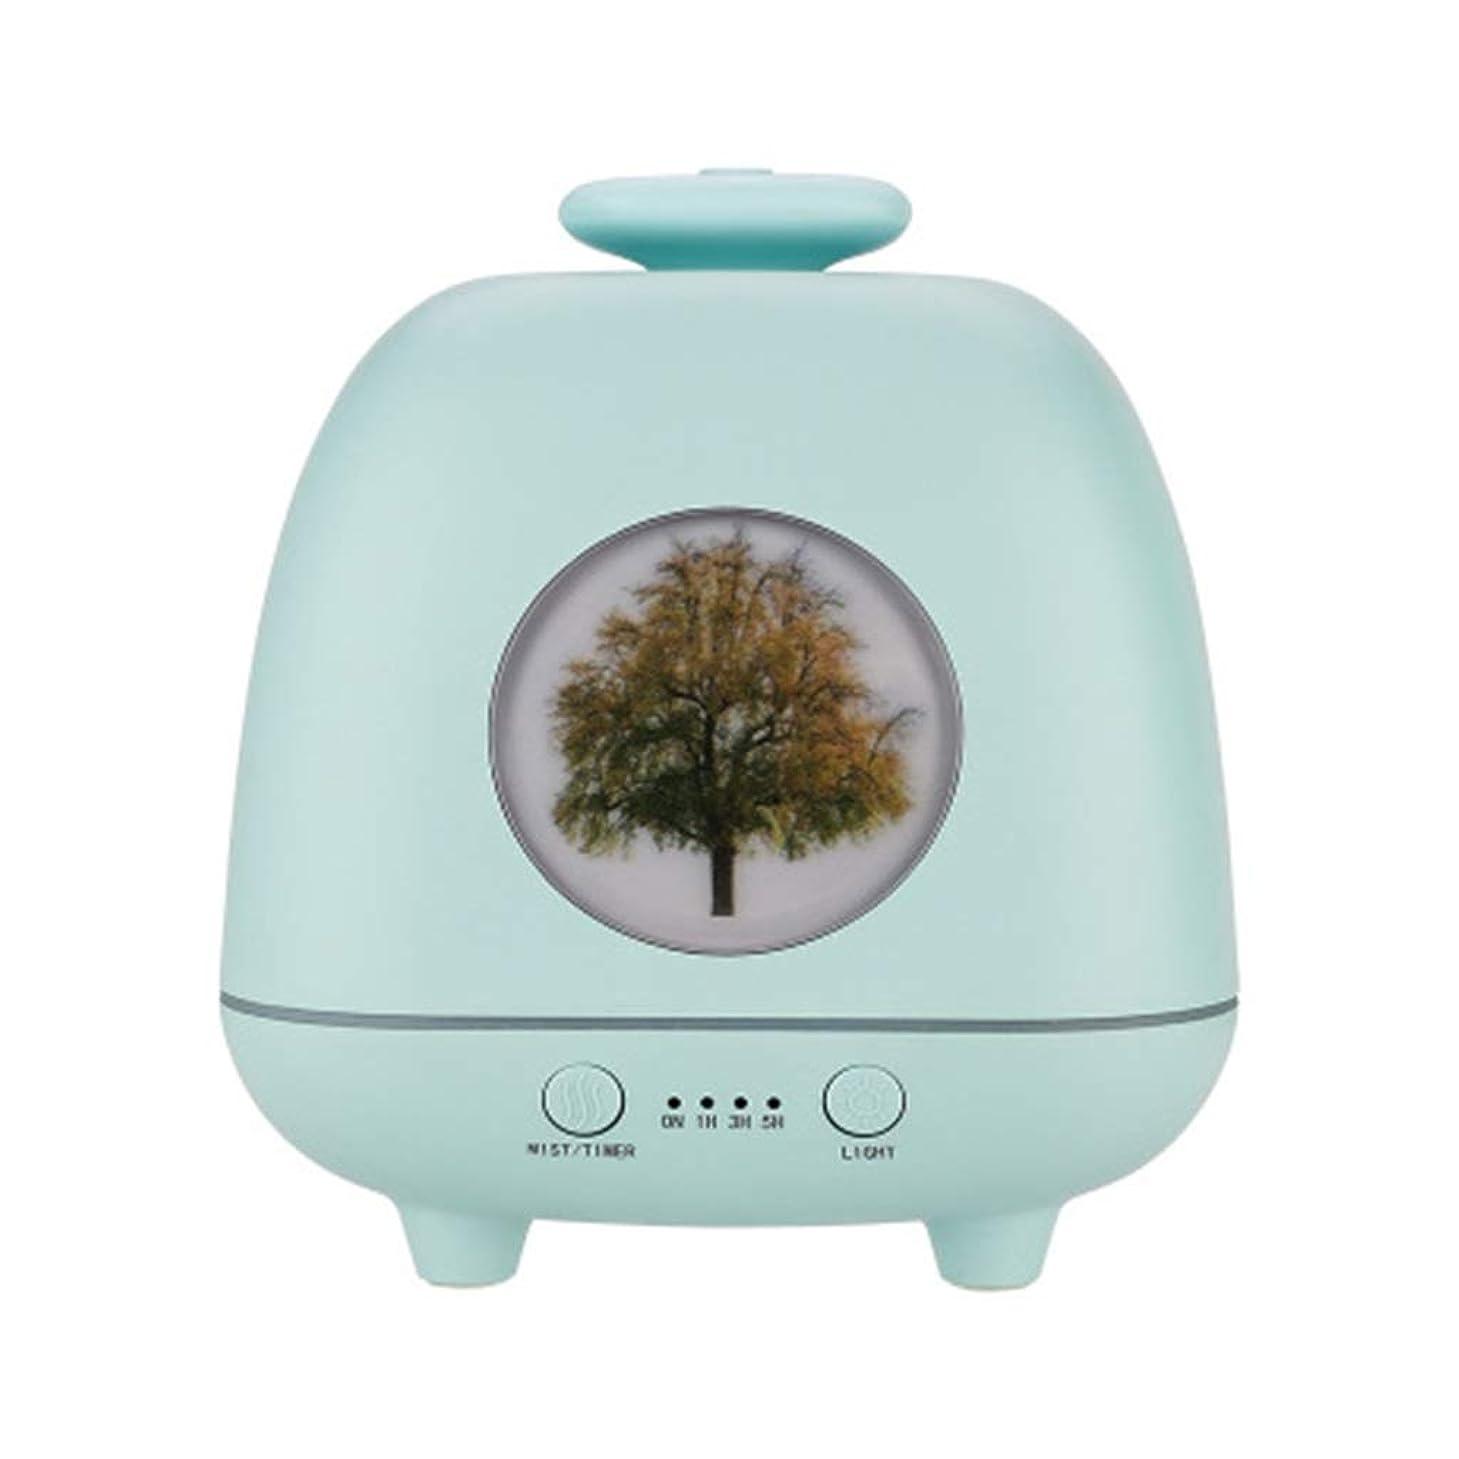 一族逆驚き超音波ホームデスクトップクリエイティブ雰囲気ナイトライト加湿器寝室の赤ちゃん女性の家の装飾 (Color : Green)